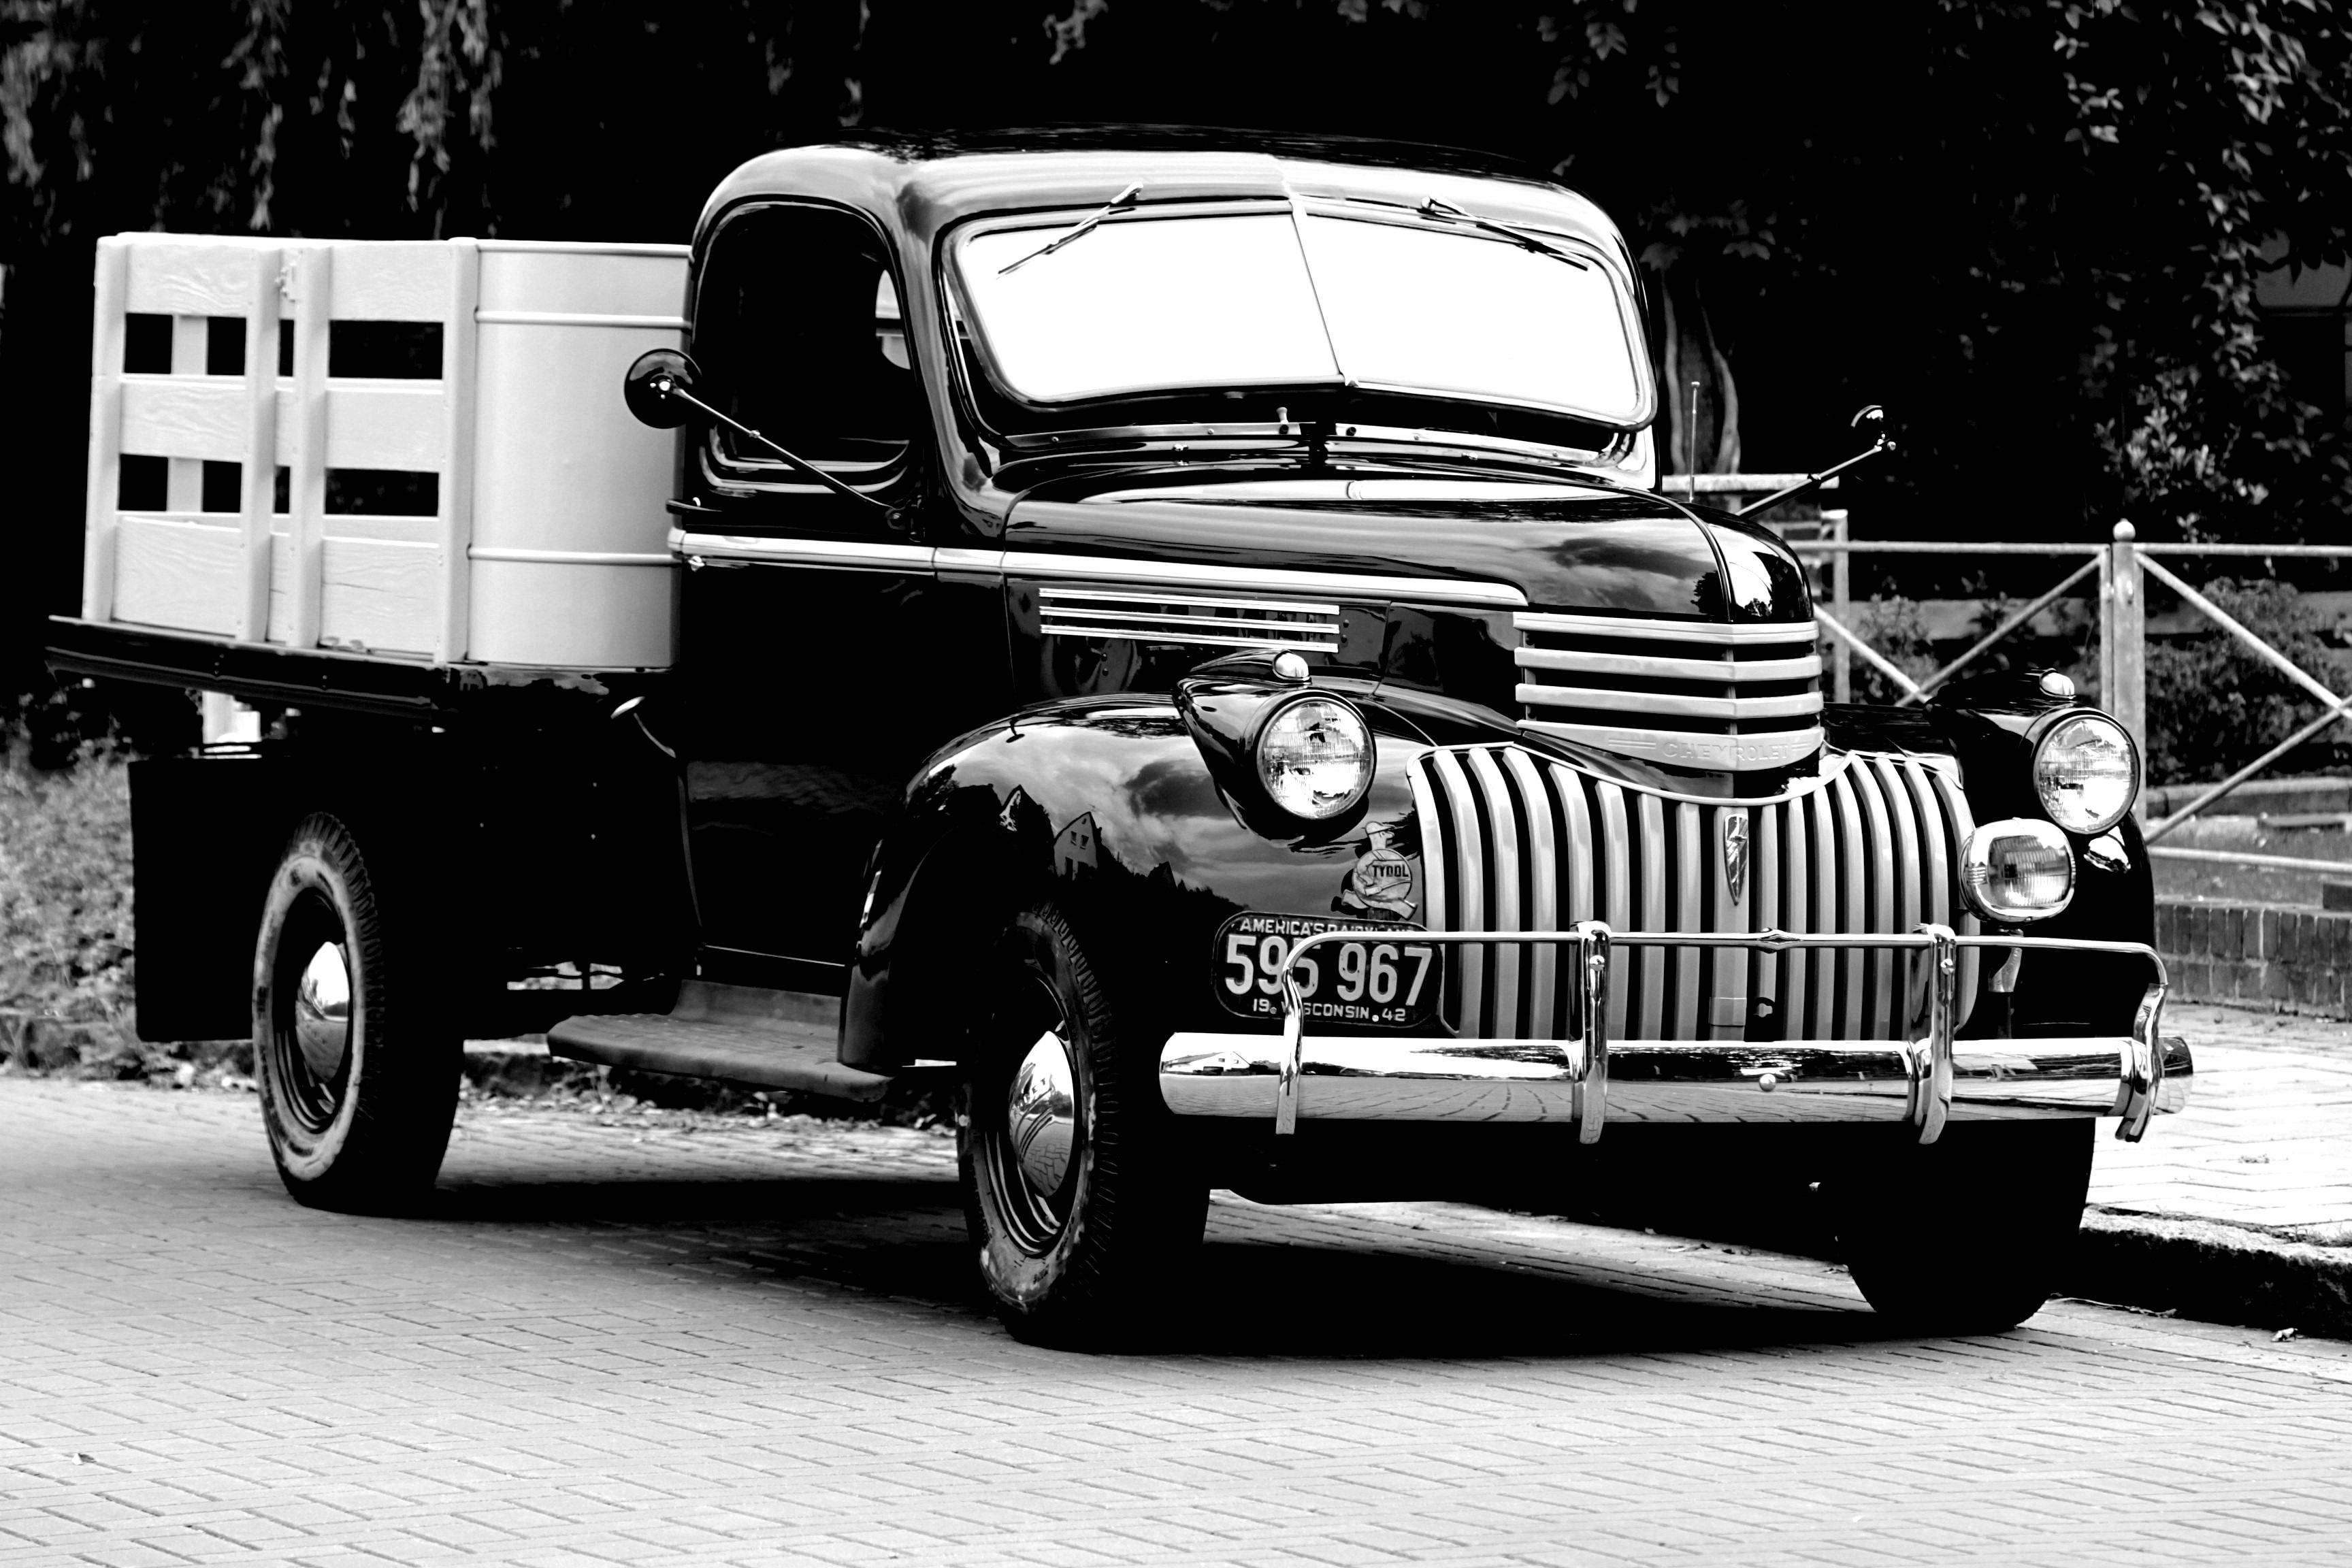 92+ Gambar Mobil Truk Mewah Terbaik